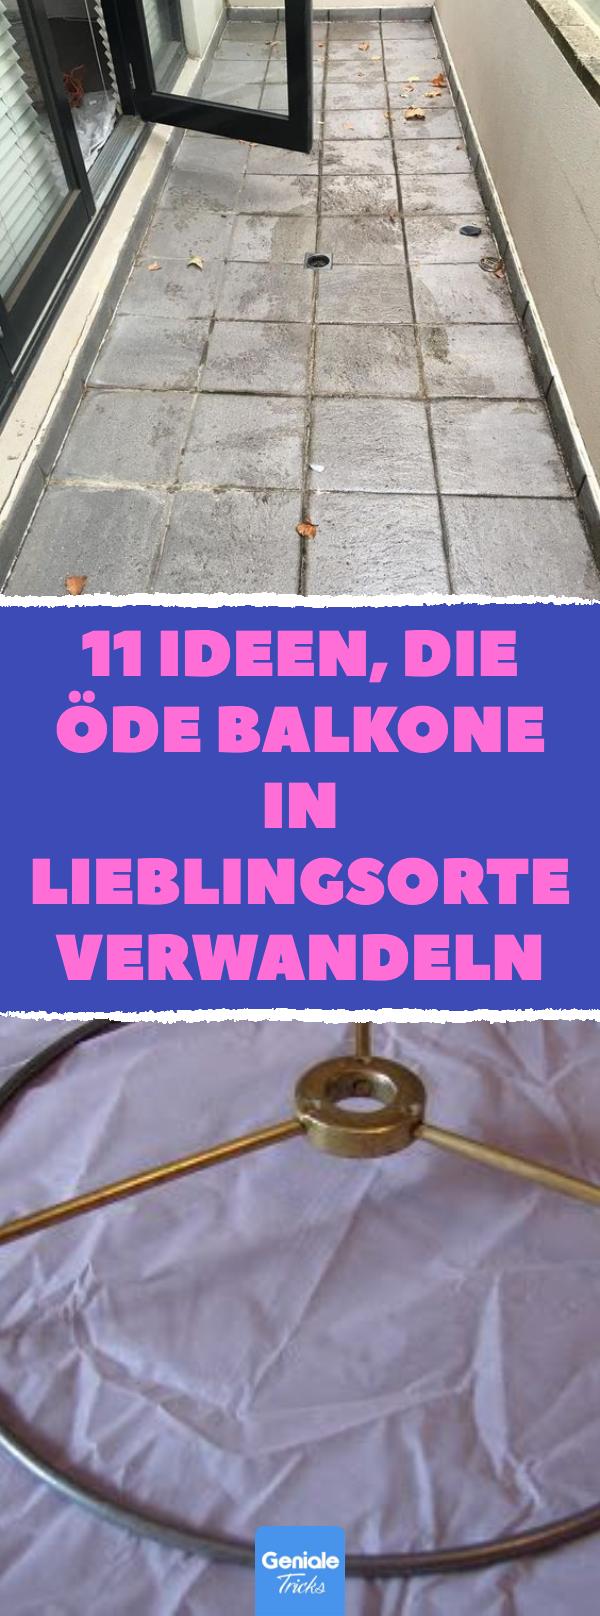 10 Ideen, die öde Balkone in Lieblingsorte verwandeln